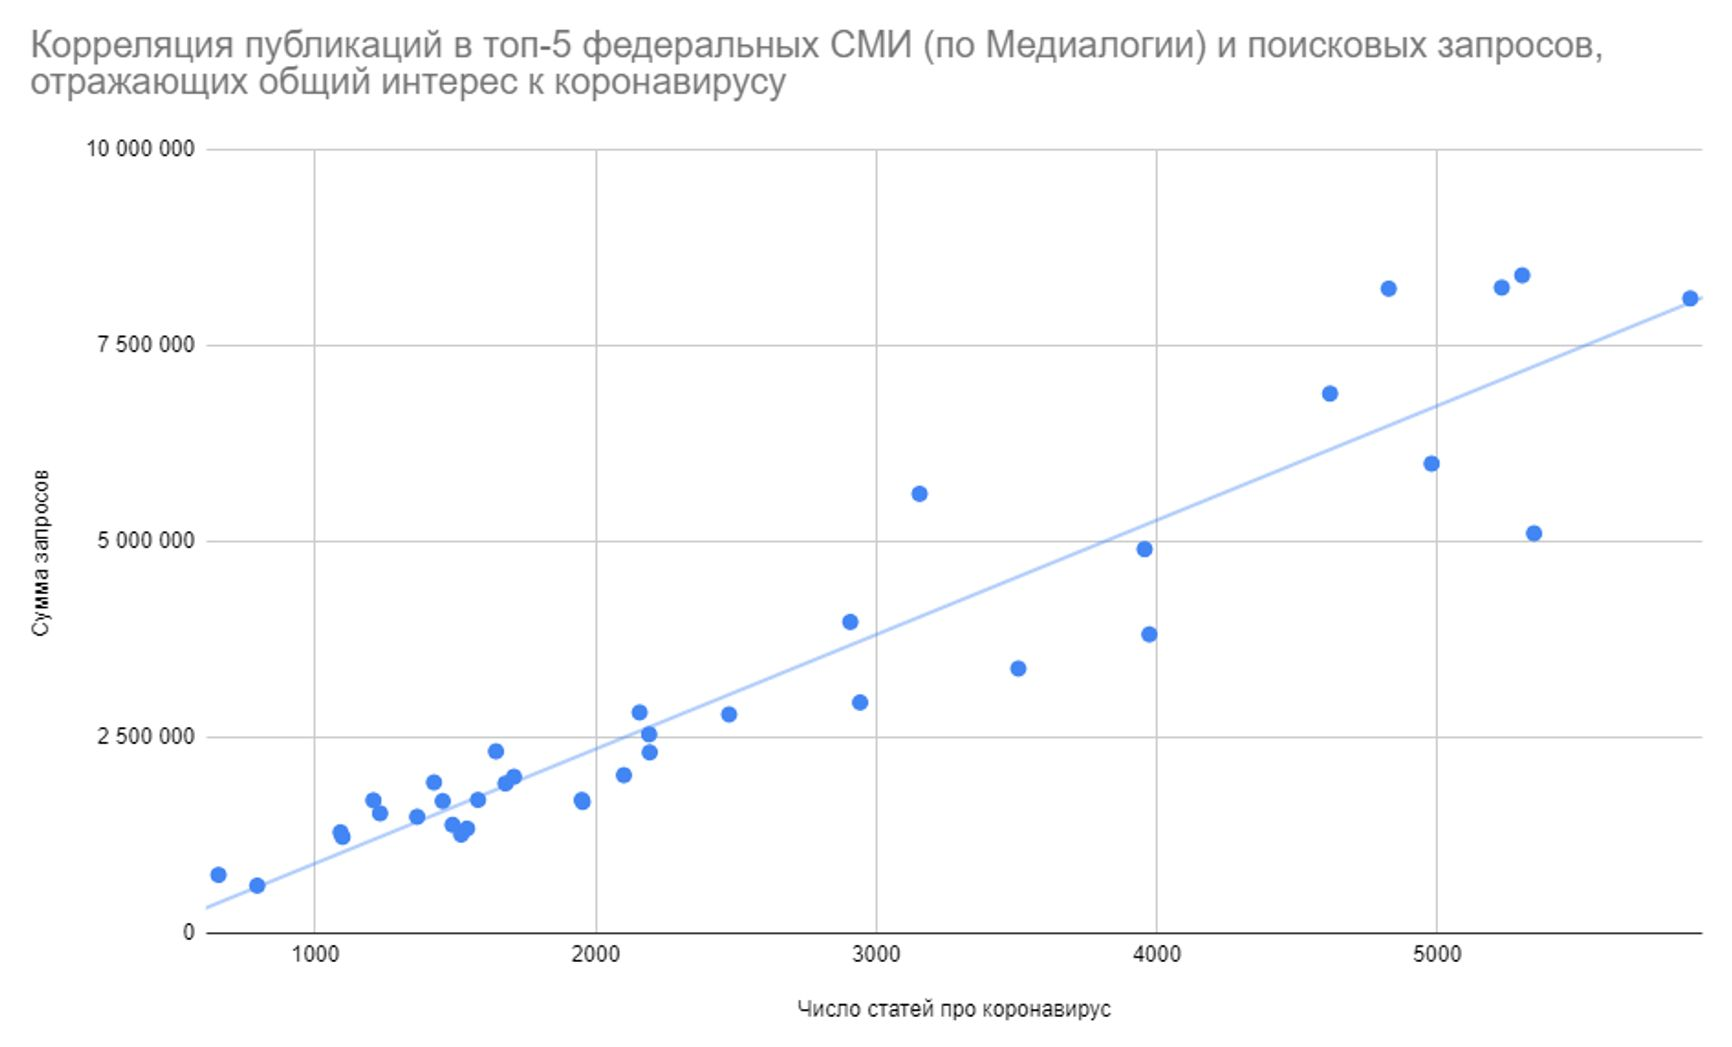 Коэффициент корреляции 0,95. При доверительном интервале 95% коэффициент корреляции находится в диапазоне между 0,89 и 0,97 — корреляция сильная и надёжная